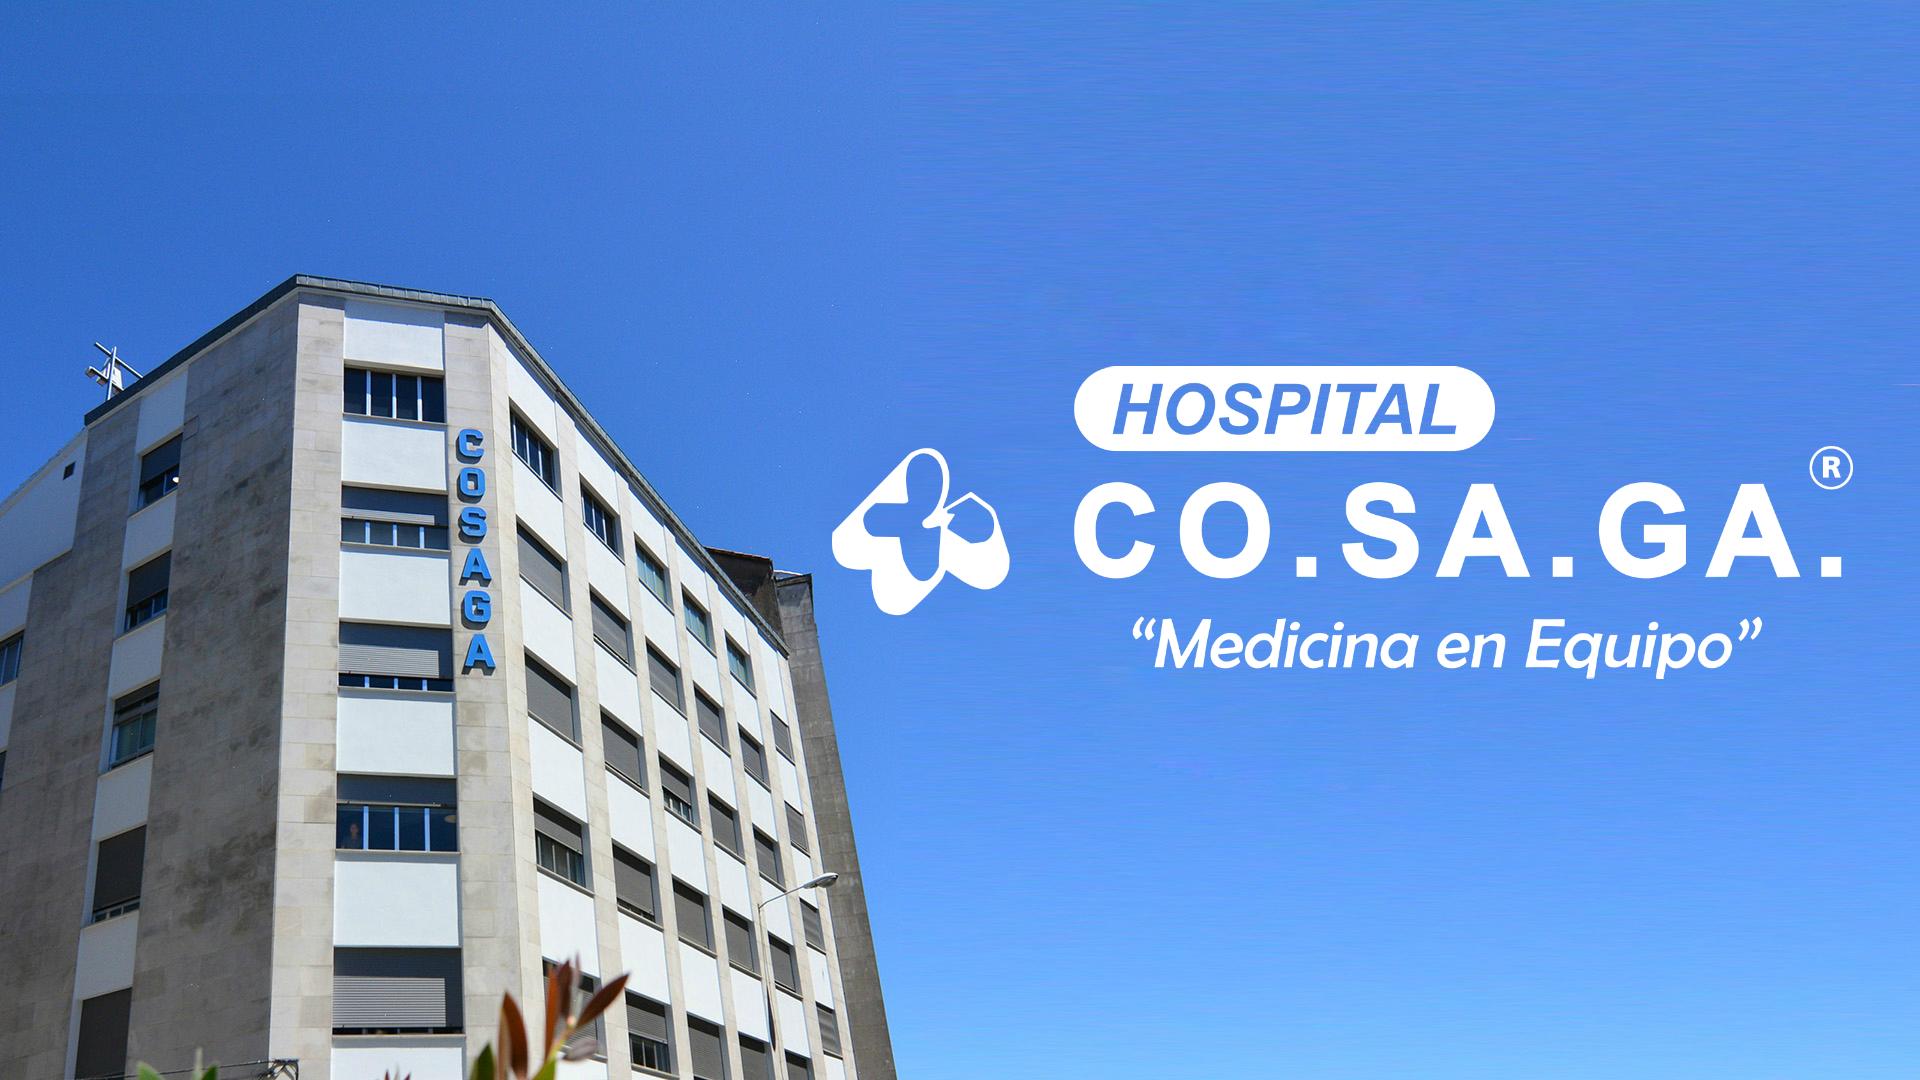 El Hospital Cosaga retoma la actividad tras implantar medidas para que los pacientes sean atendidos en un entorno seguro